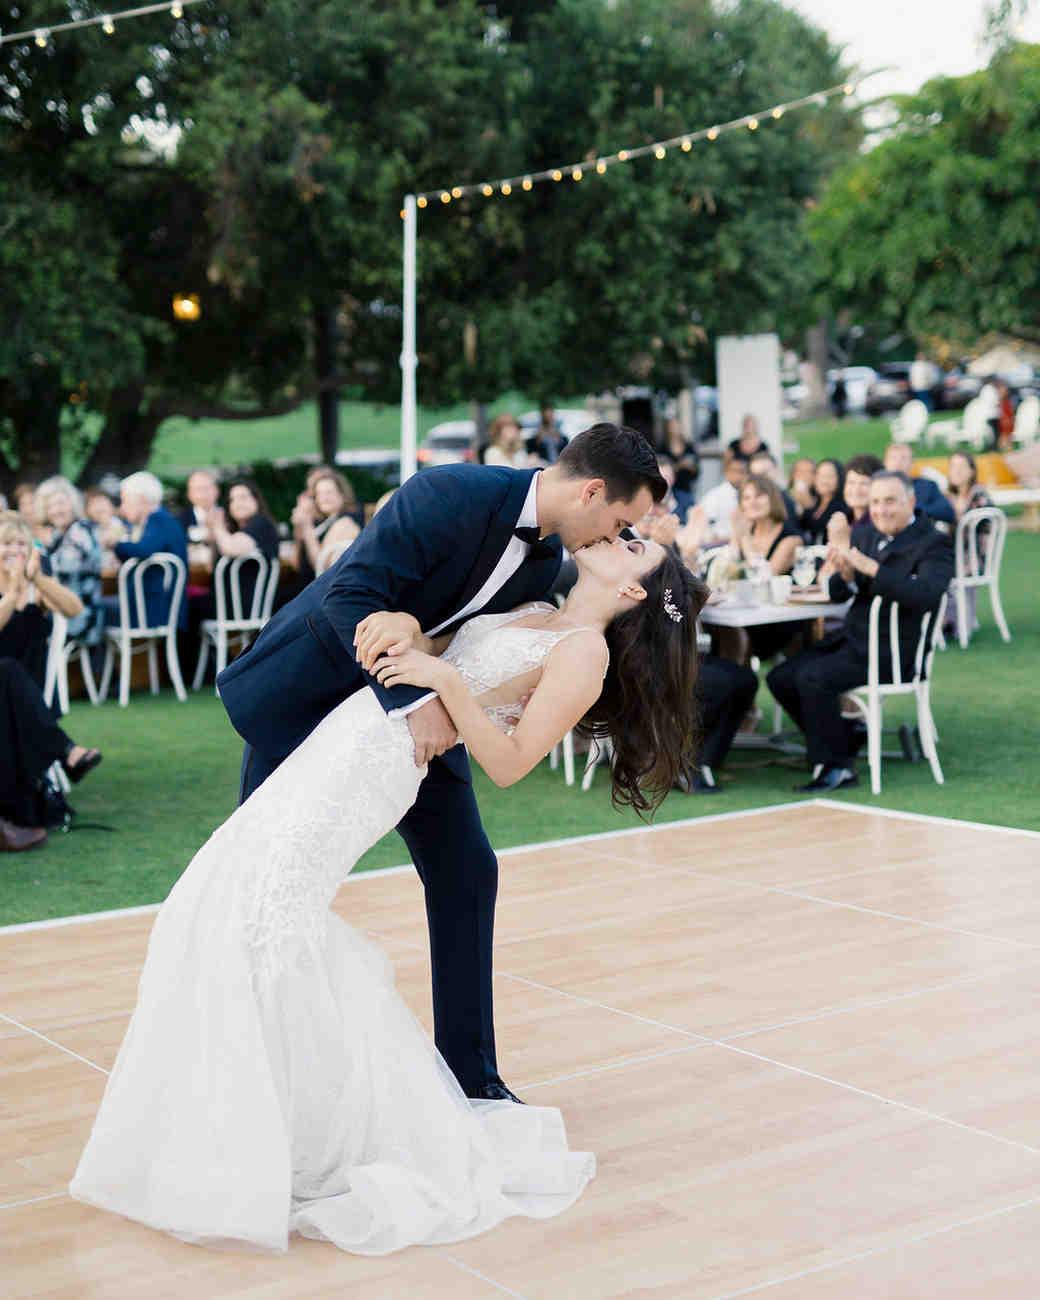 paige zack wedding first dance dip